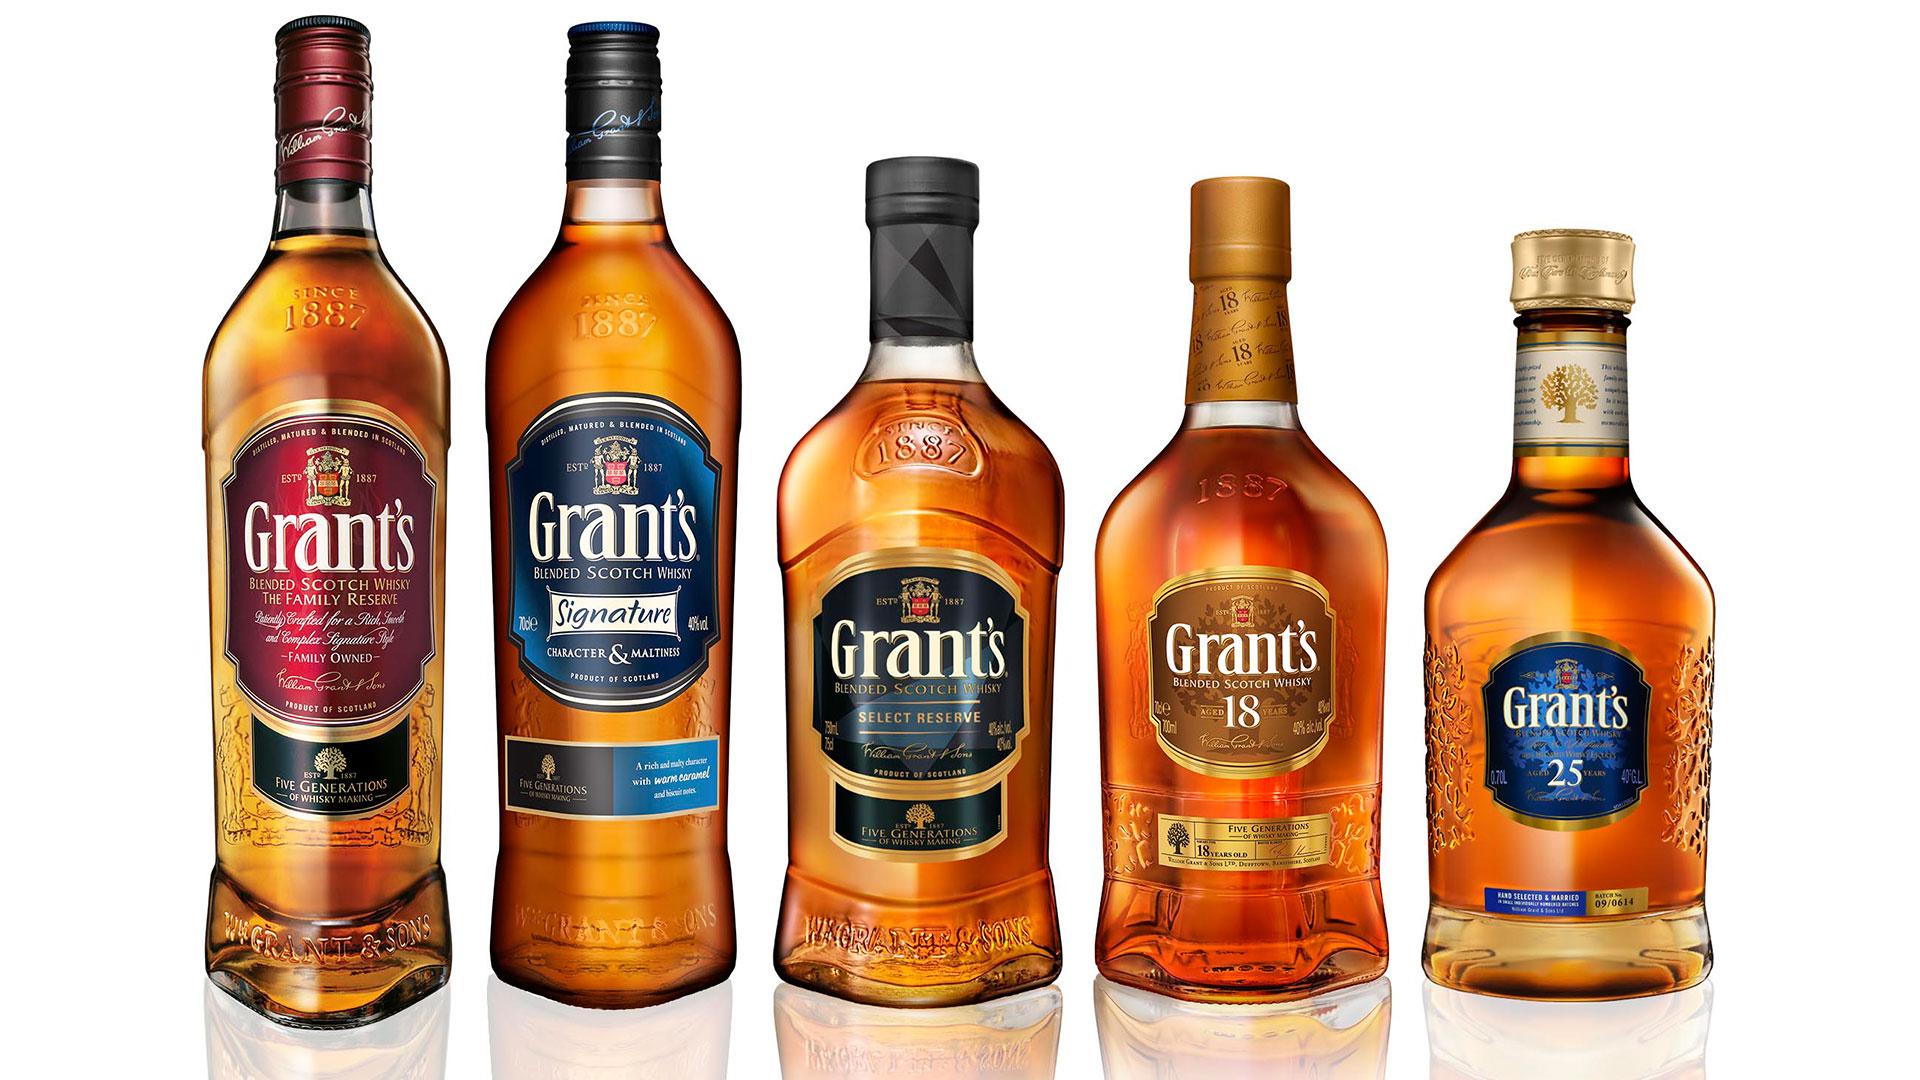 Ambasciatori di whisky disposti a girare il mondo: l'offerta di un'azienda scozzese